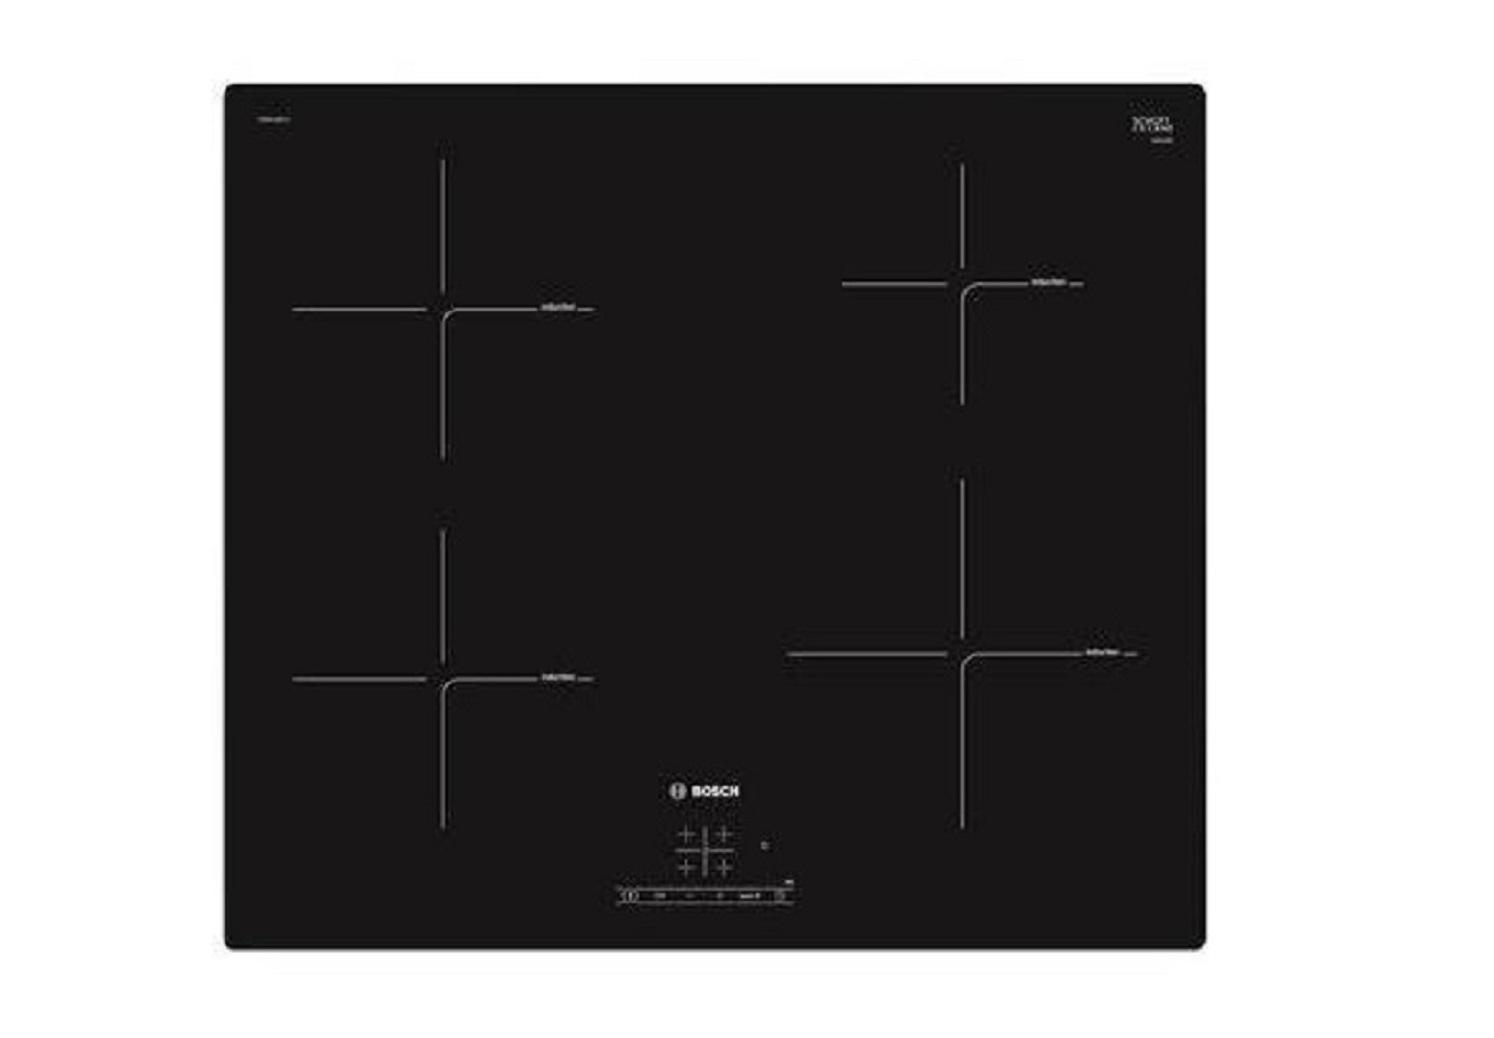 Elettrodomestico bosch piano cottura induzione scontato for Prezzi del piano